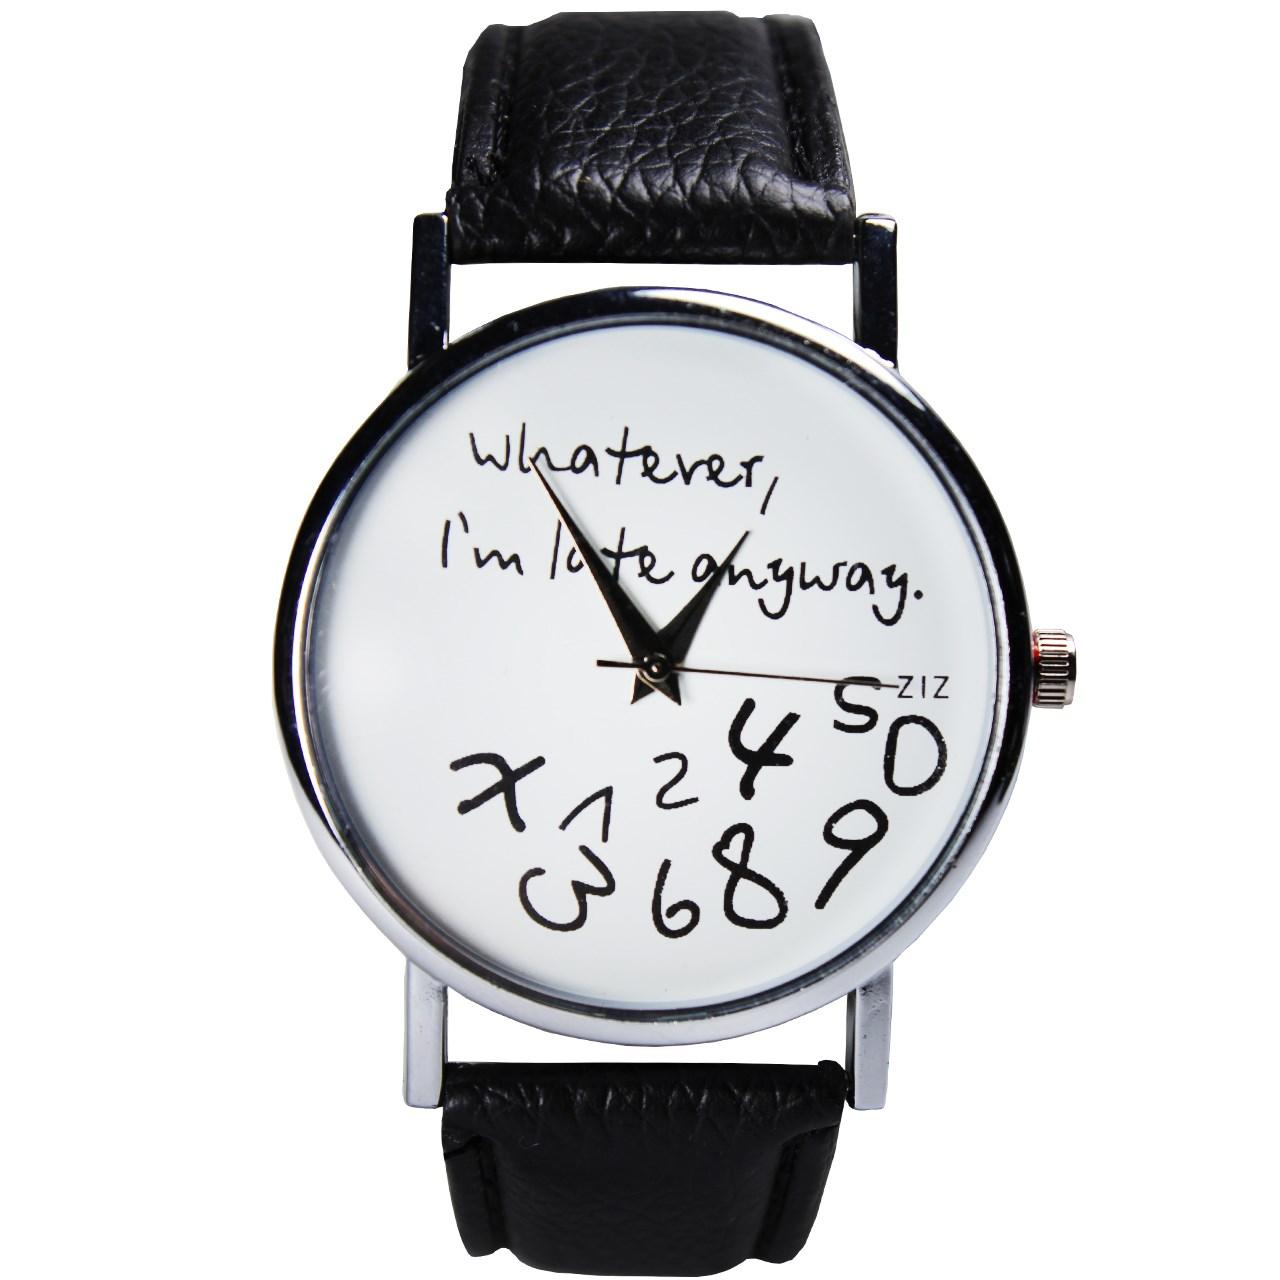 خرید ساعت مچی عقربه ای مردانه و زنانه مدل w-07 | ساعت مچی